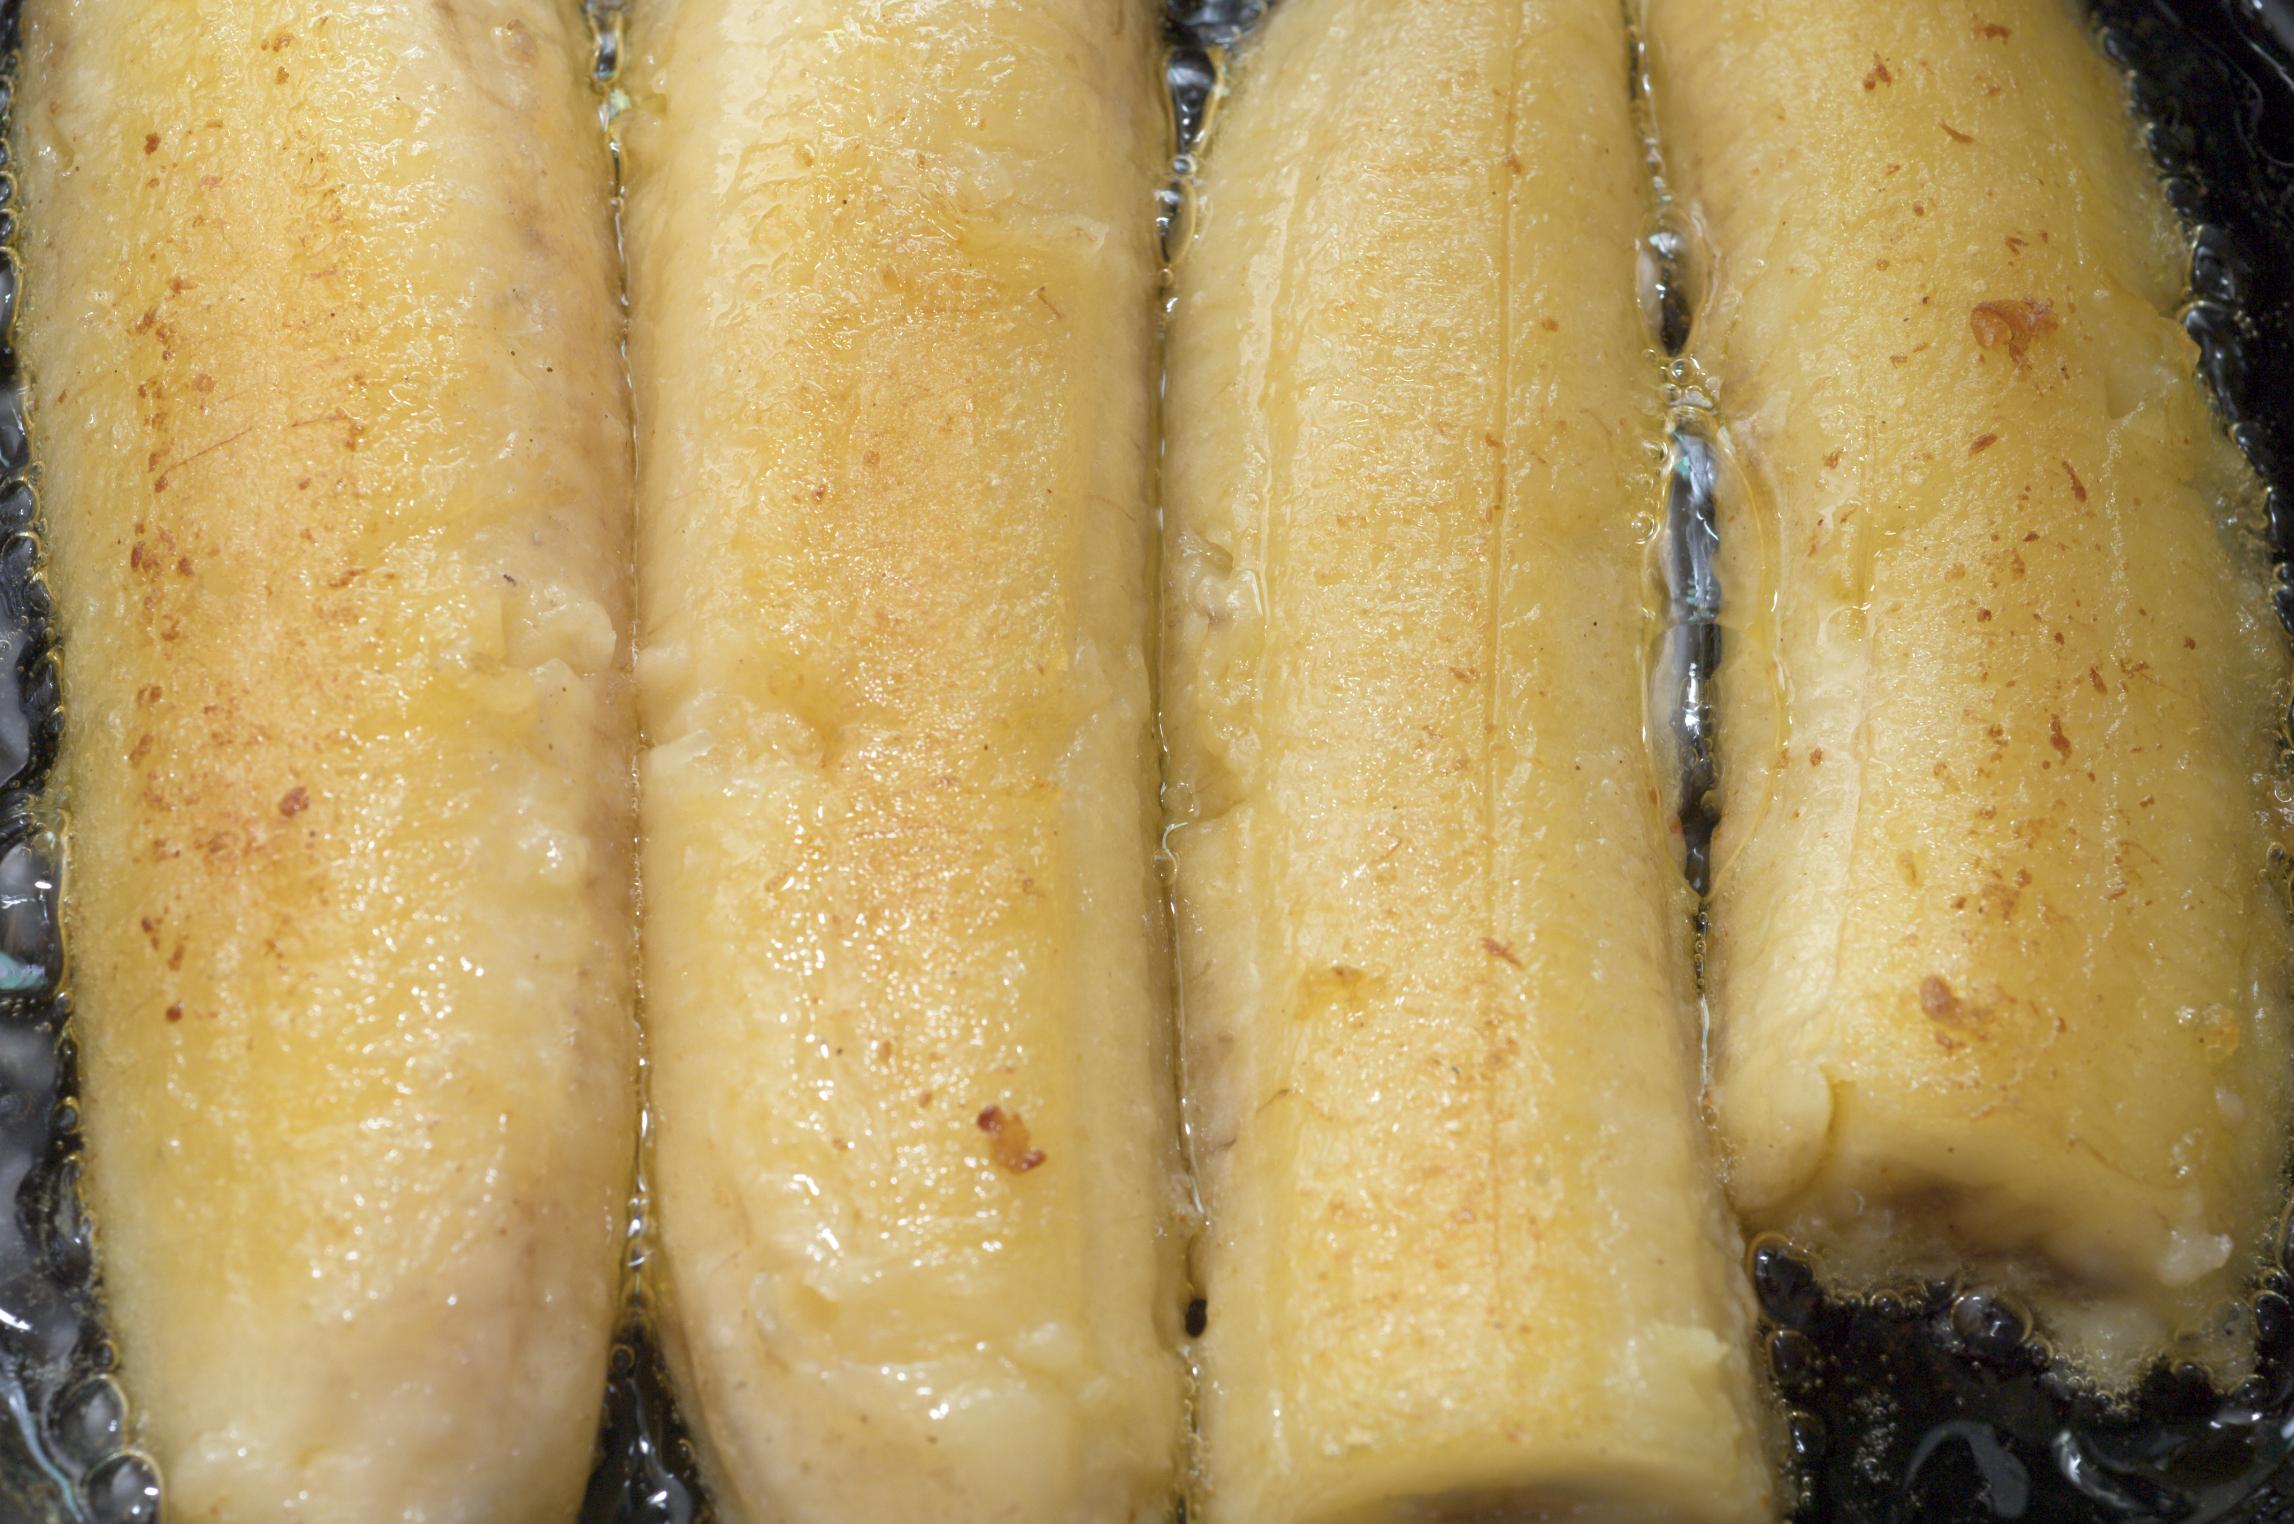 Plátanos caramelizados con azúcar